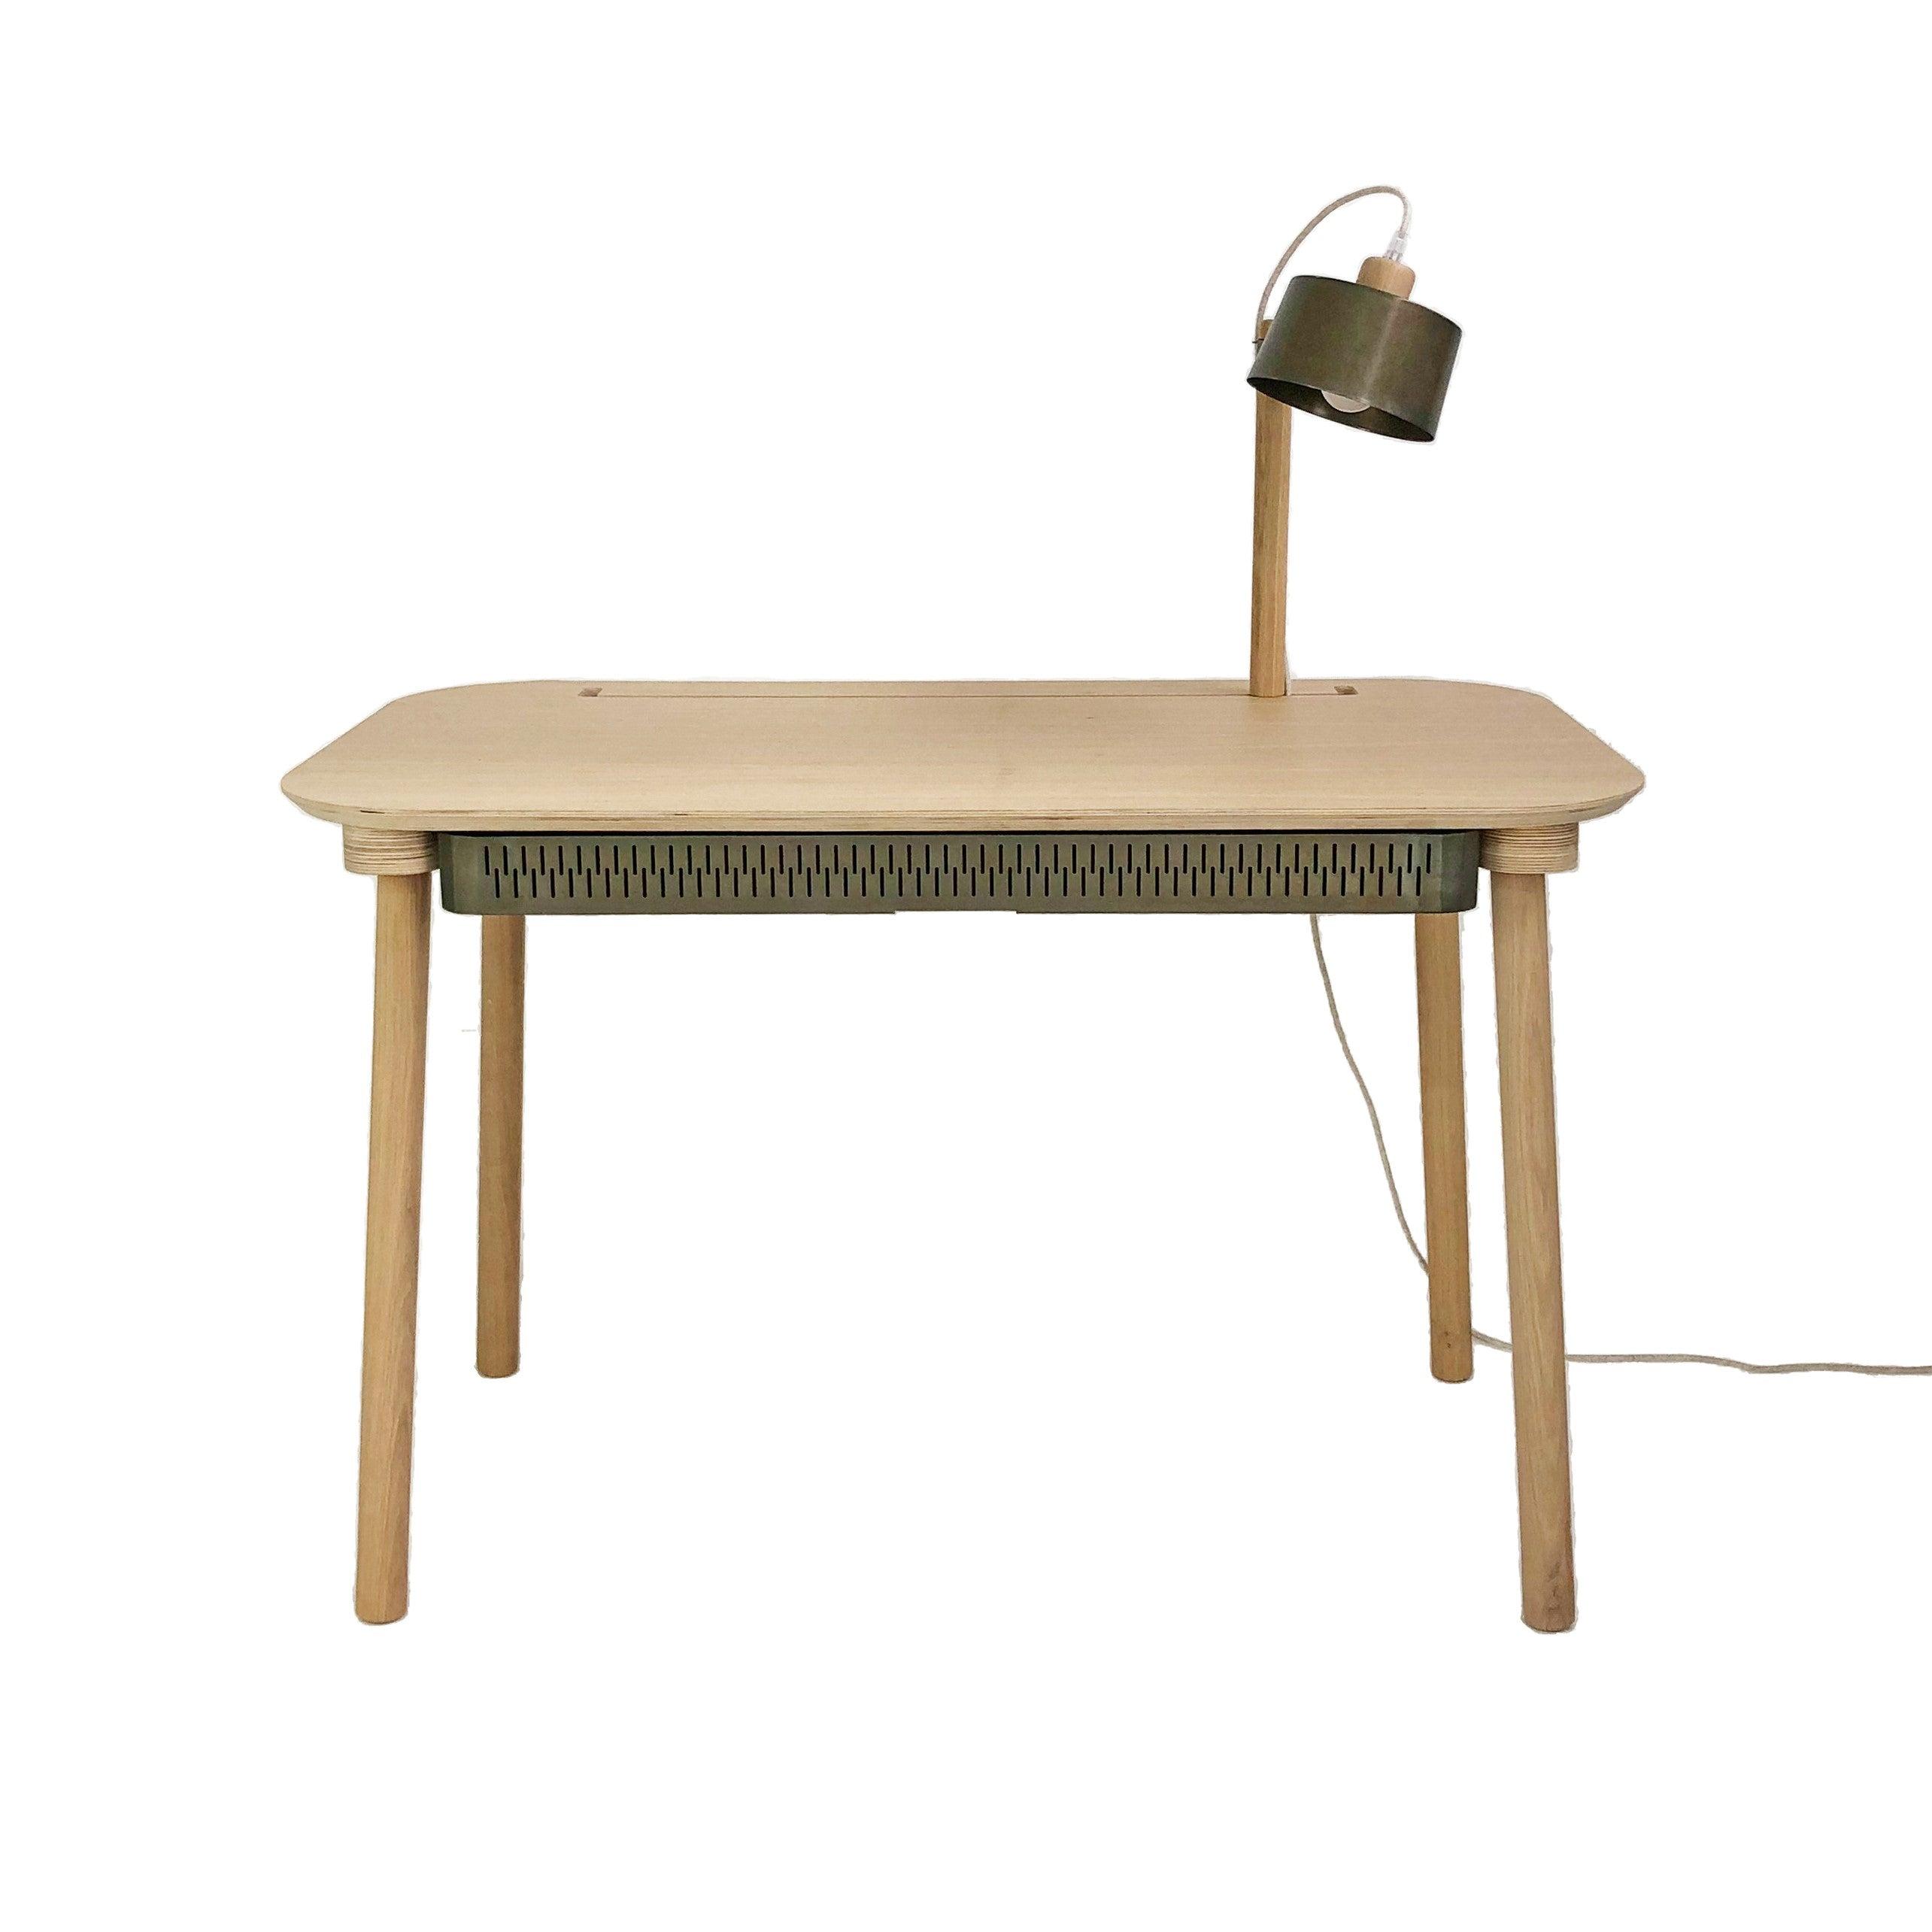 Bureau en chêne avec lampe et tiroir en métal vernis BRUT